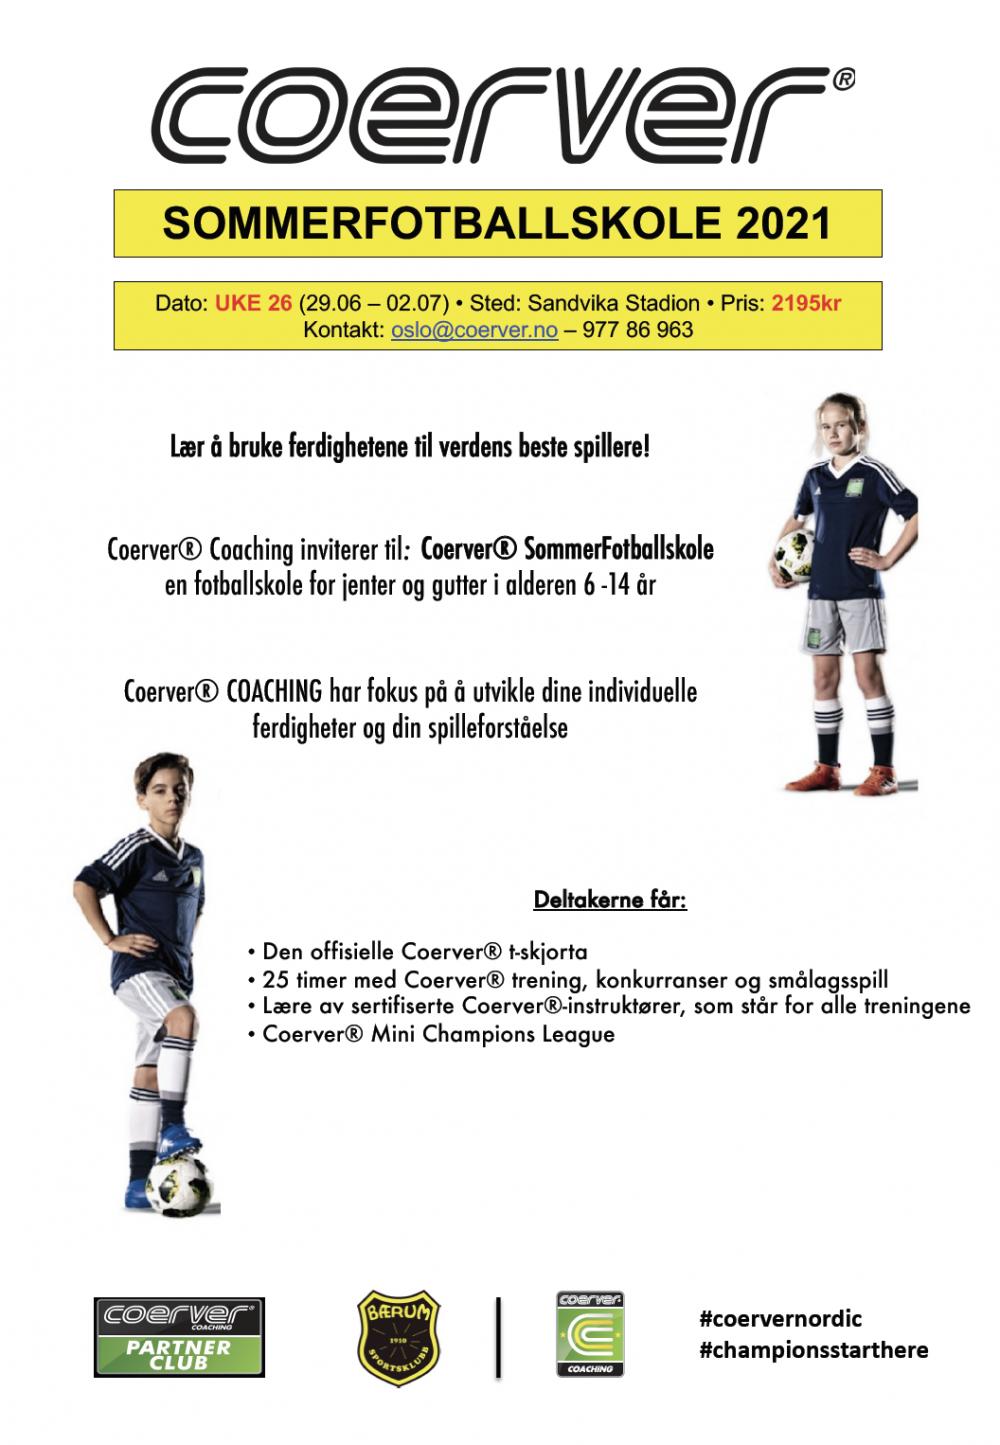 Coerver Sommerfotballskole hos Bærum SK 2021 Uke 26